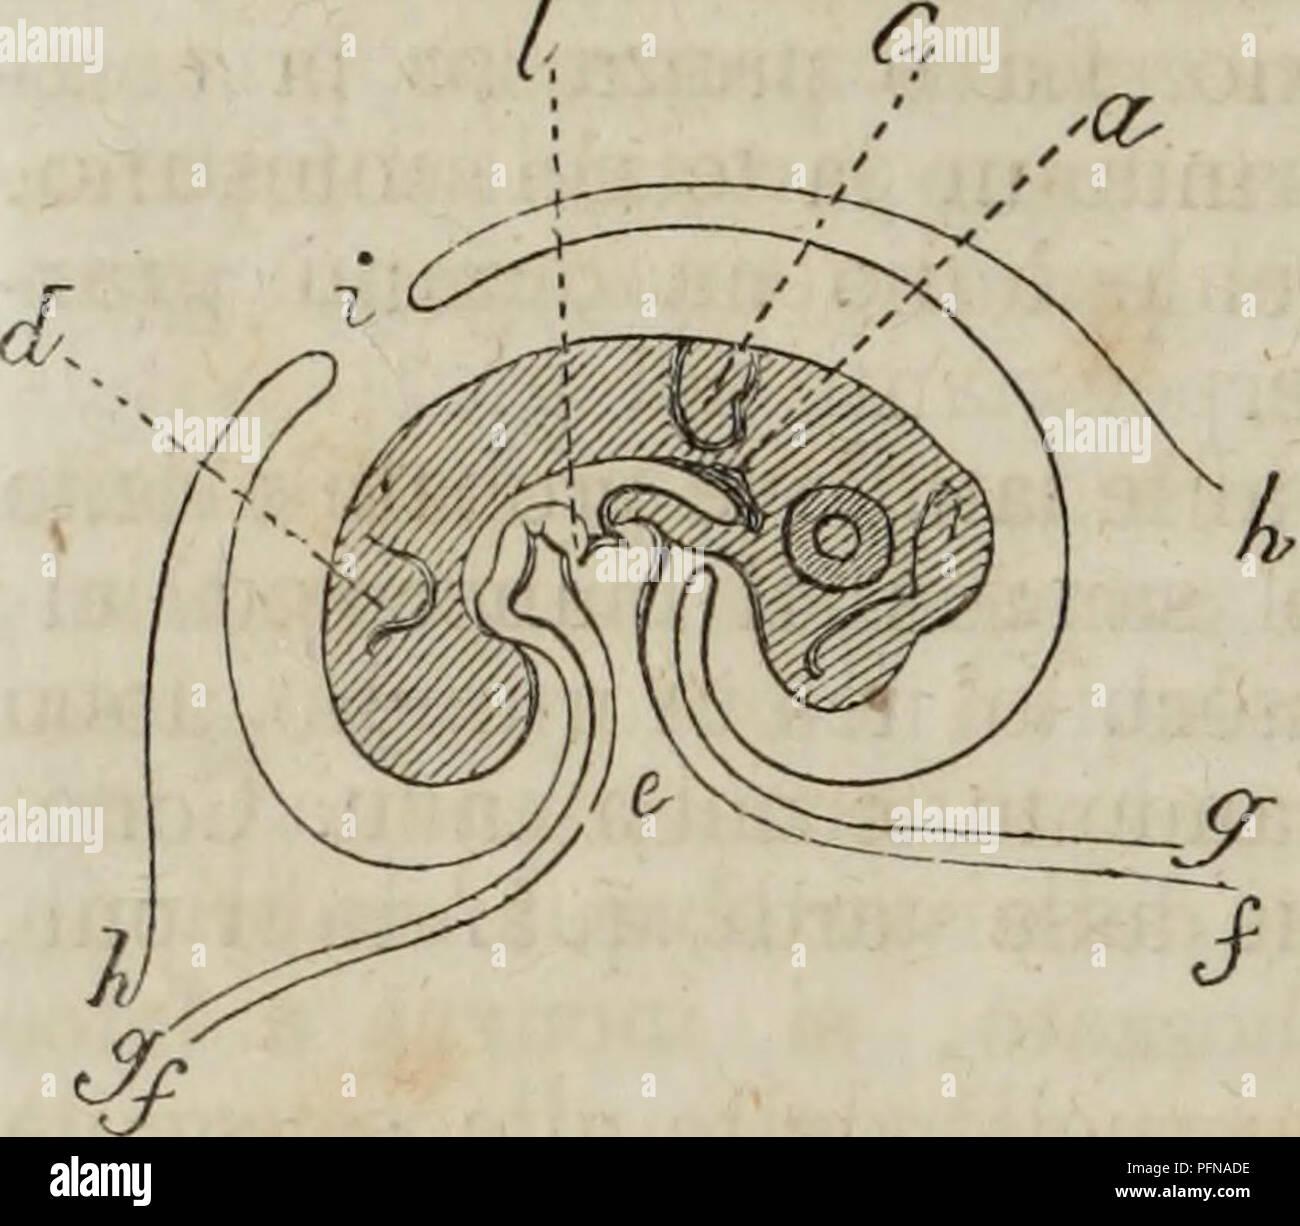 . Delle funzioni riproduttive degli animali en complemento all'edizione italiana del corso elementare di Zoologia del signor Milne Edwards. Animales - reproducción; la zoología. 56. Si chiude datamente ZOOLOGIA (FI< l. Fk 37. Fiyura teorica d'un pulcino en Corso di sviluppo (*). 37). De tal modo ha origine il sac- co dell'awmos, ONU contenente liquido nel quale sta im- merso il corpo dell'embrio- ne. La lámina inferiore dello stesso foglietto col successivo differenziarsi delle sue cel- lule alimentari forma le pa- reti dell'addome e del tronco, e gli organi più importanti della vita animale. Il Imagen De Stock